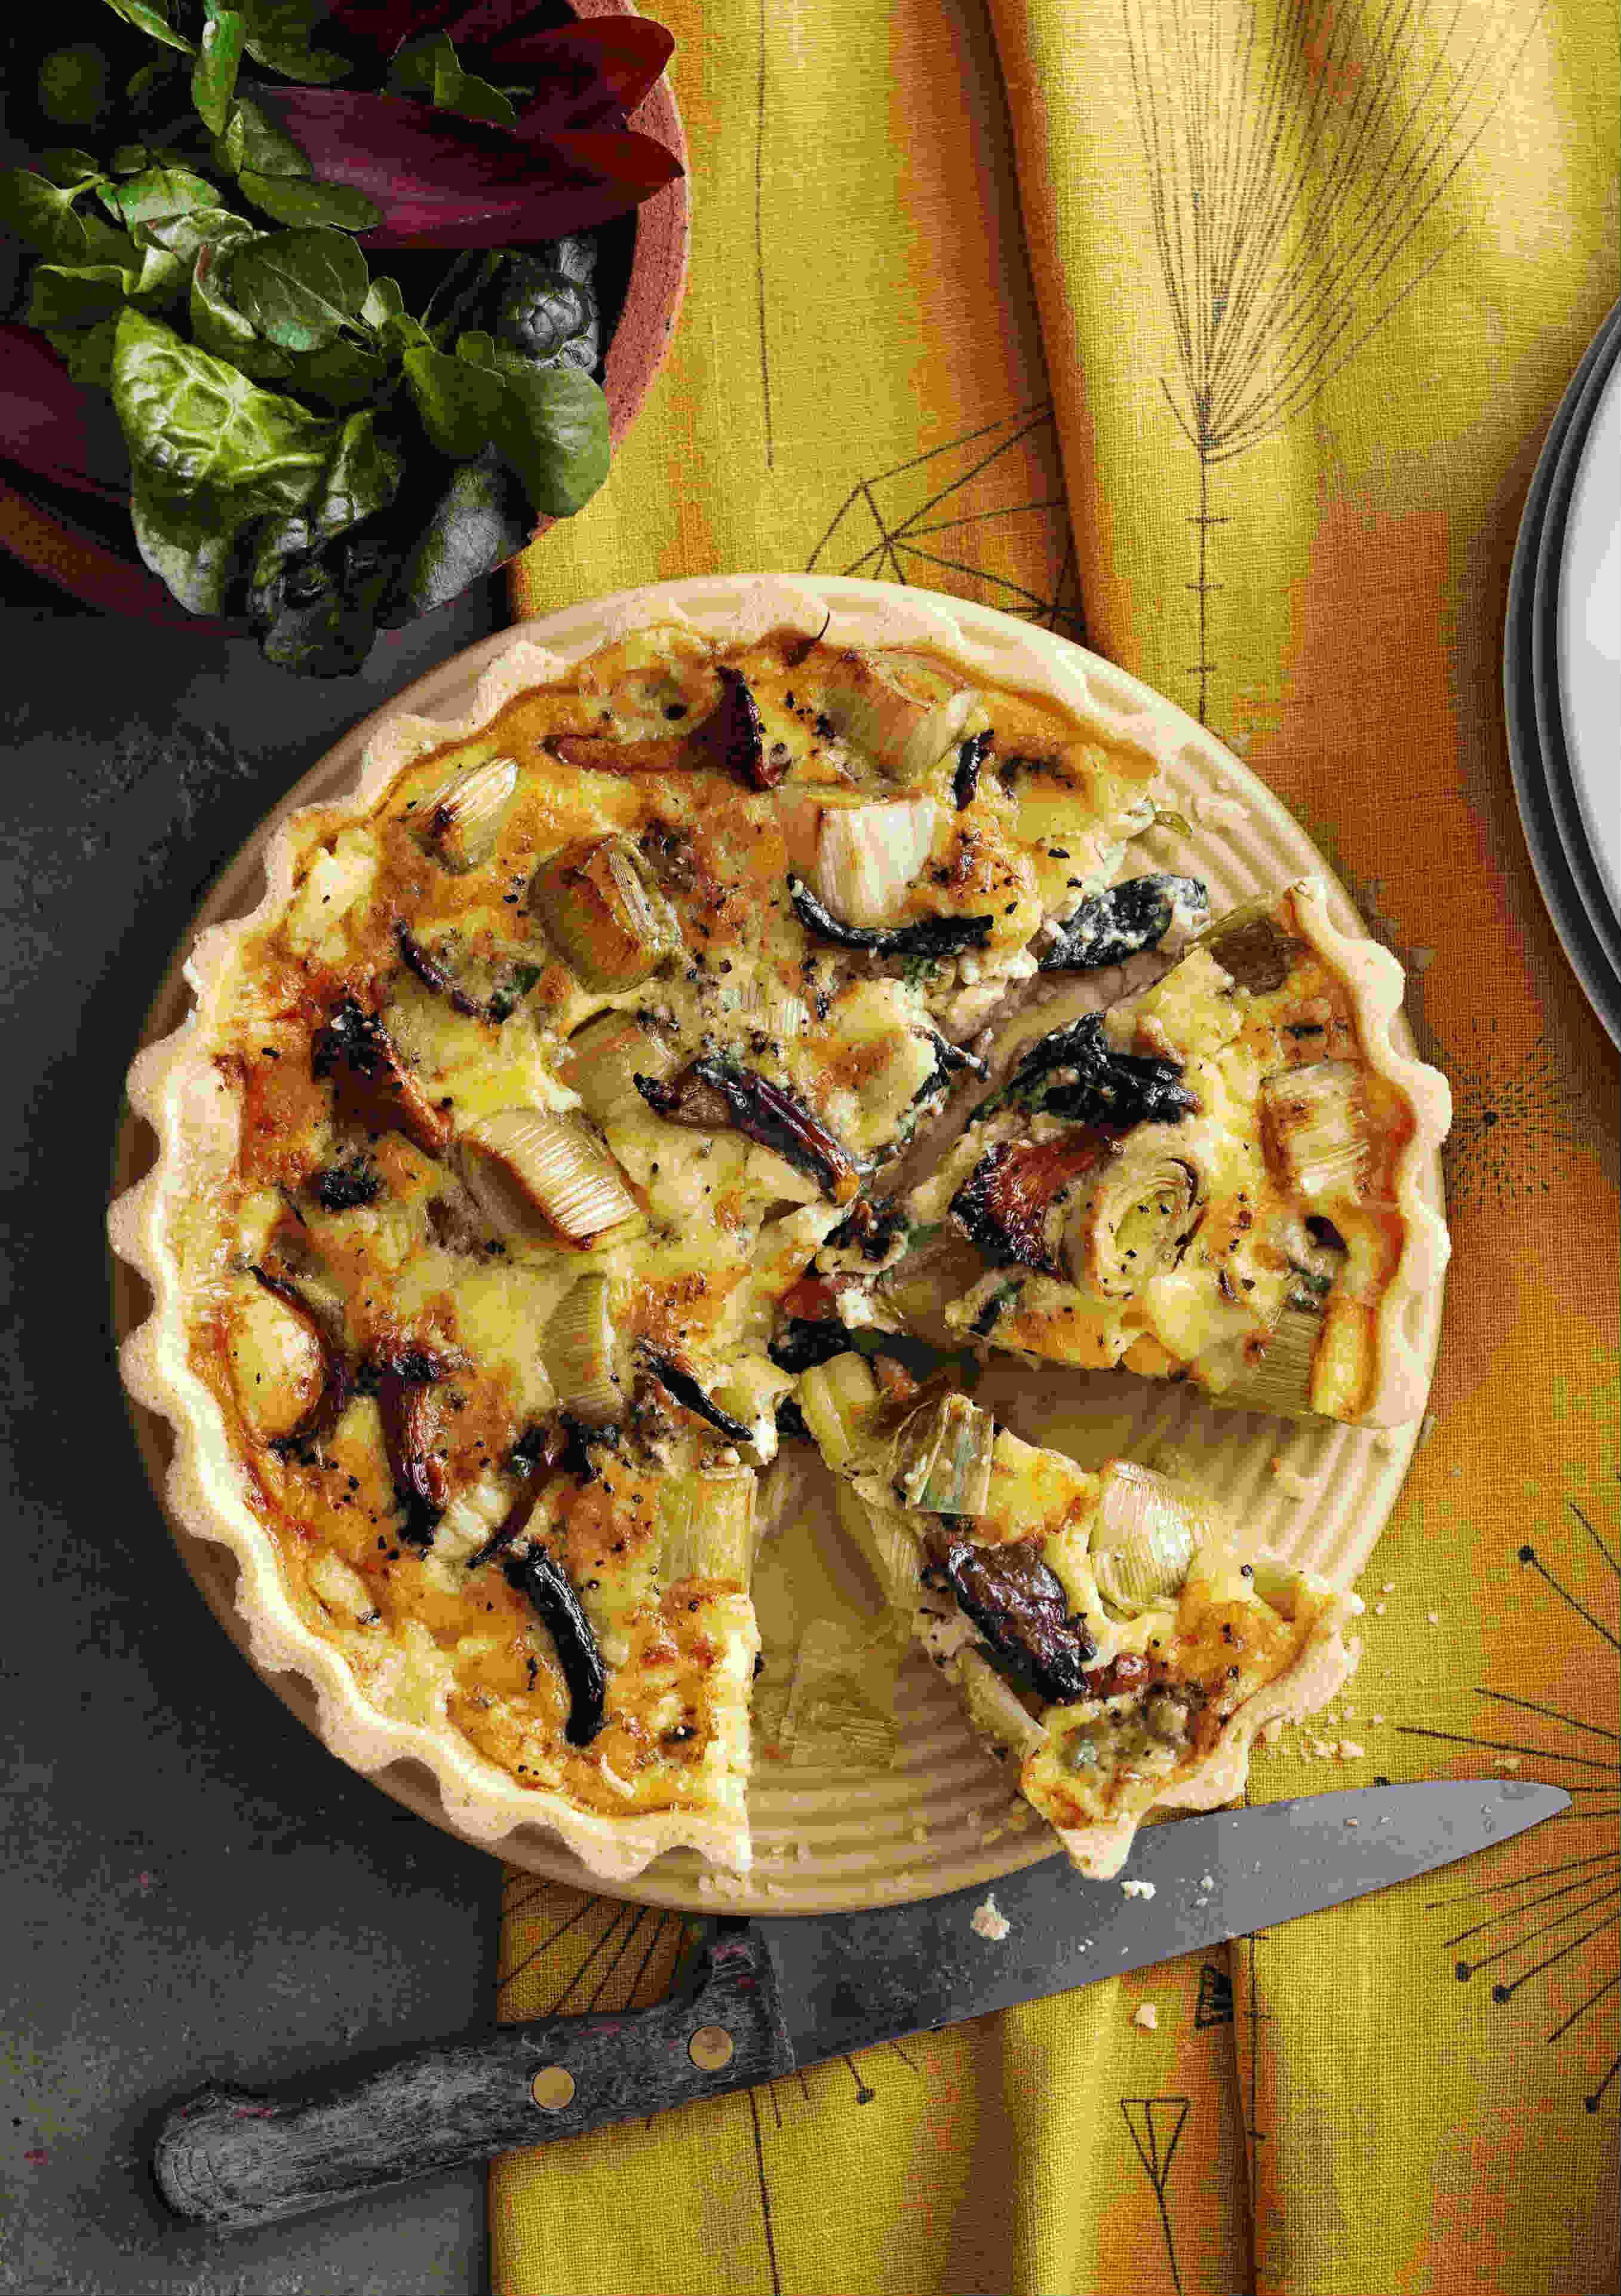 tart savoury recipes quiche mushroom wild leek tarts ever bacon egg recipe magazine olive